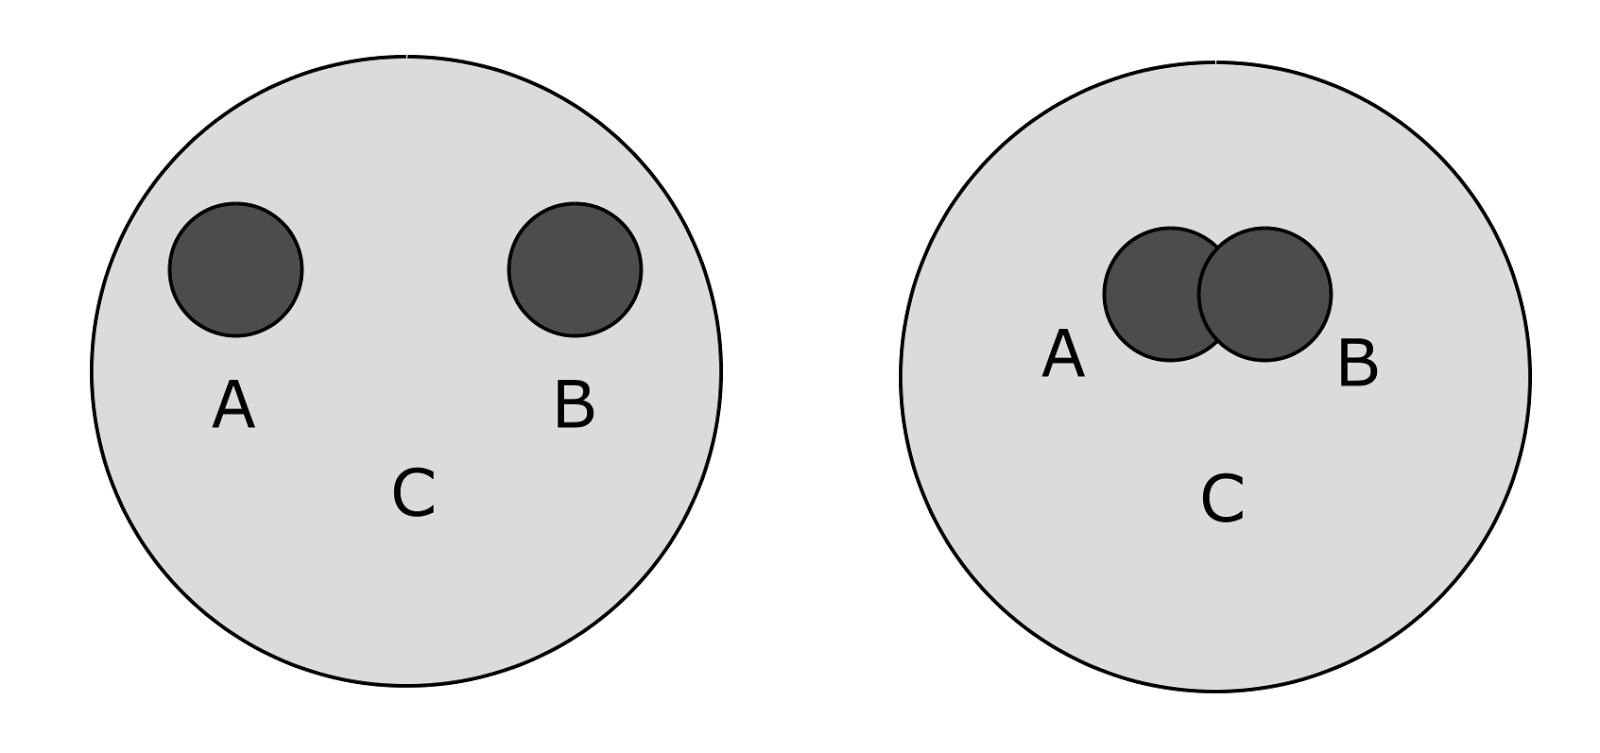 Логика сознания. Часть 11. Естественное кодирование зрительной и звуковой информации - 2